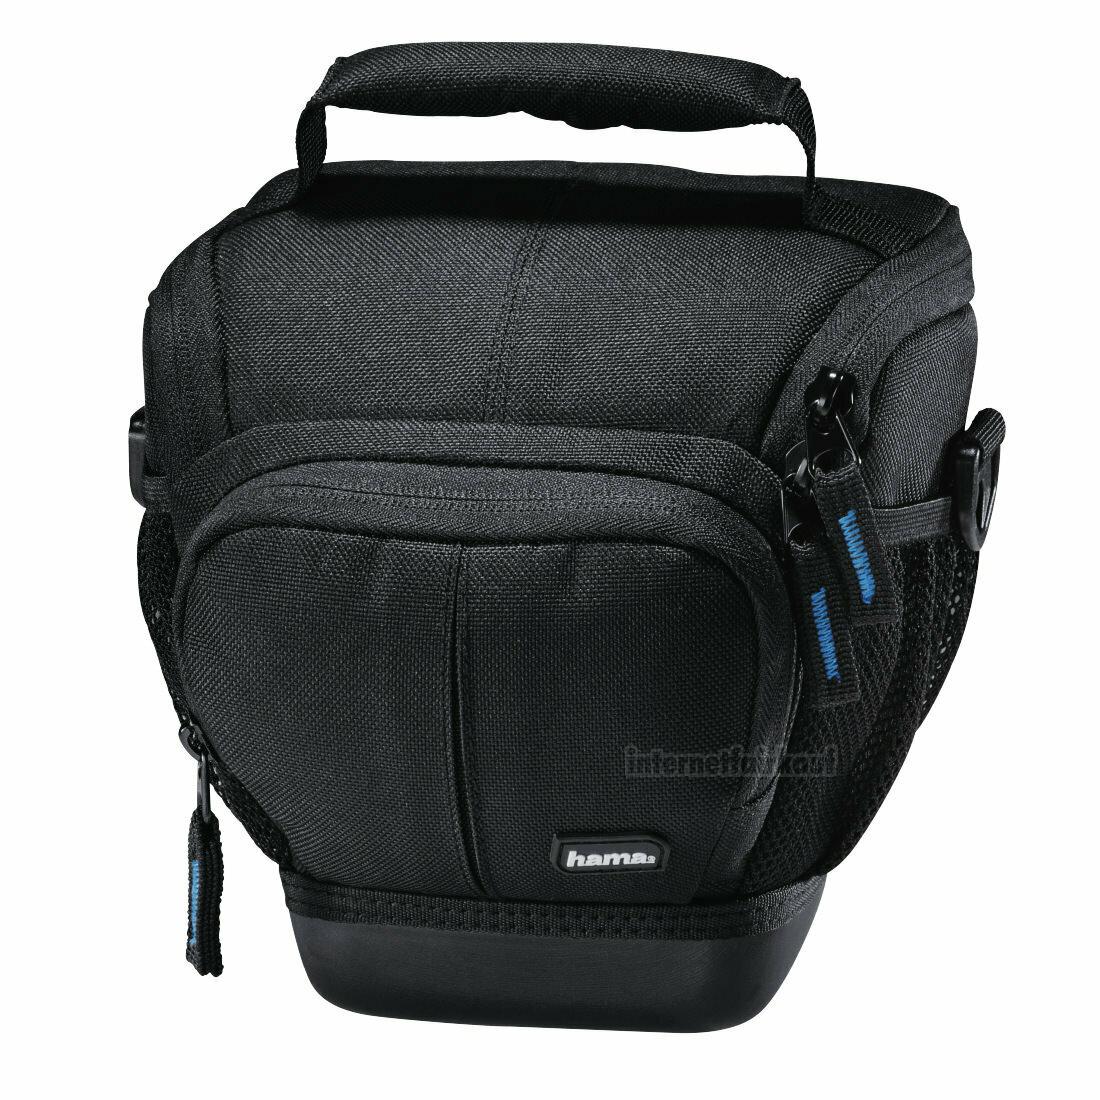 Fototasche Kameratasche passend für Panasonic Lumix FZ50 FZ1000